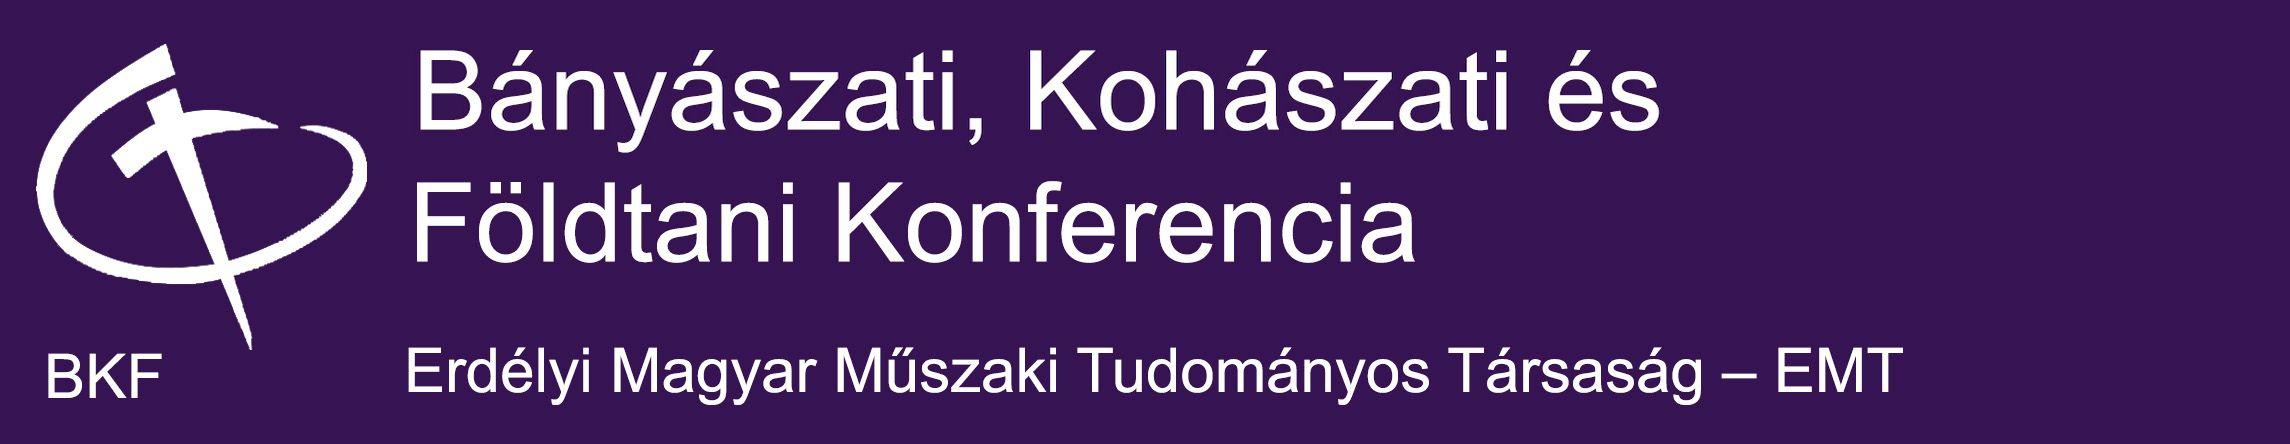 Nemzetközi Bányászati, Kohászati és Földtani Konferencia